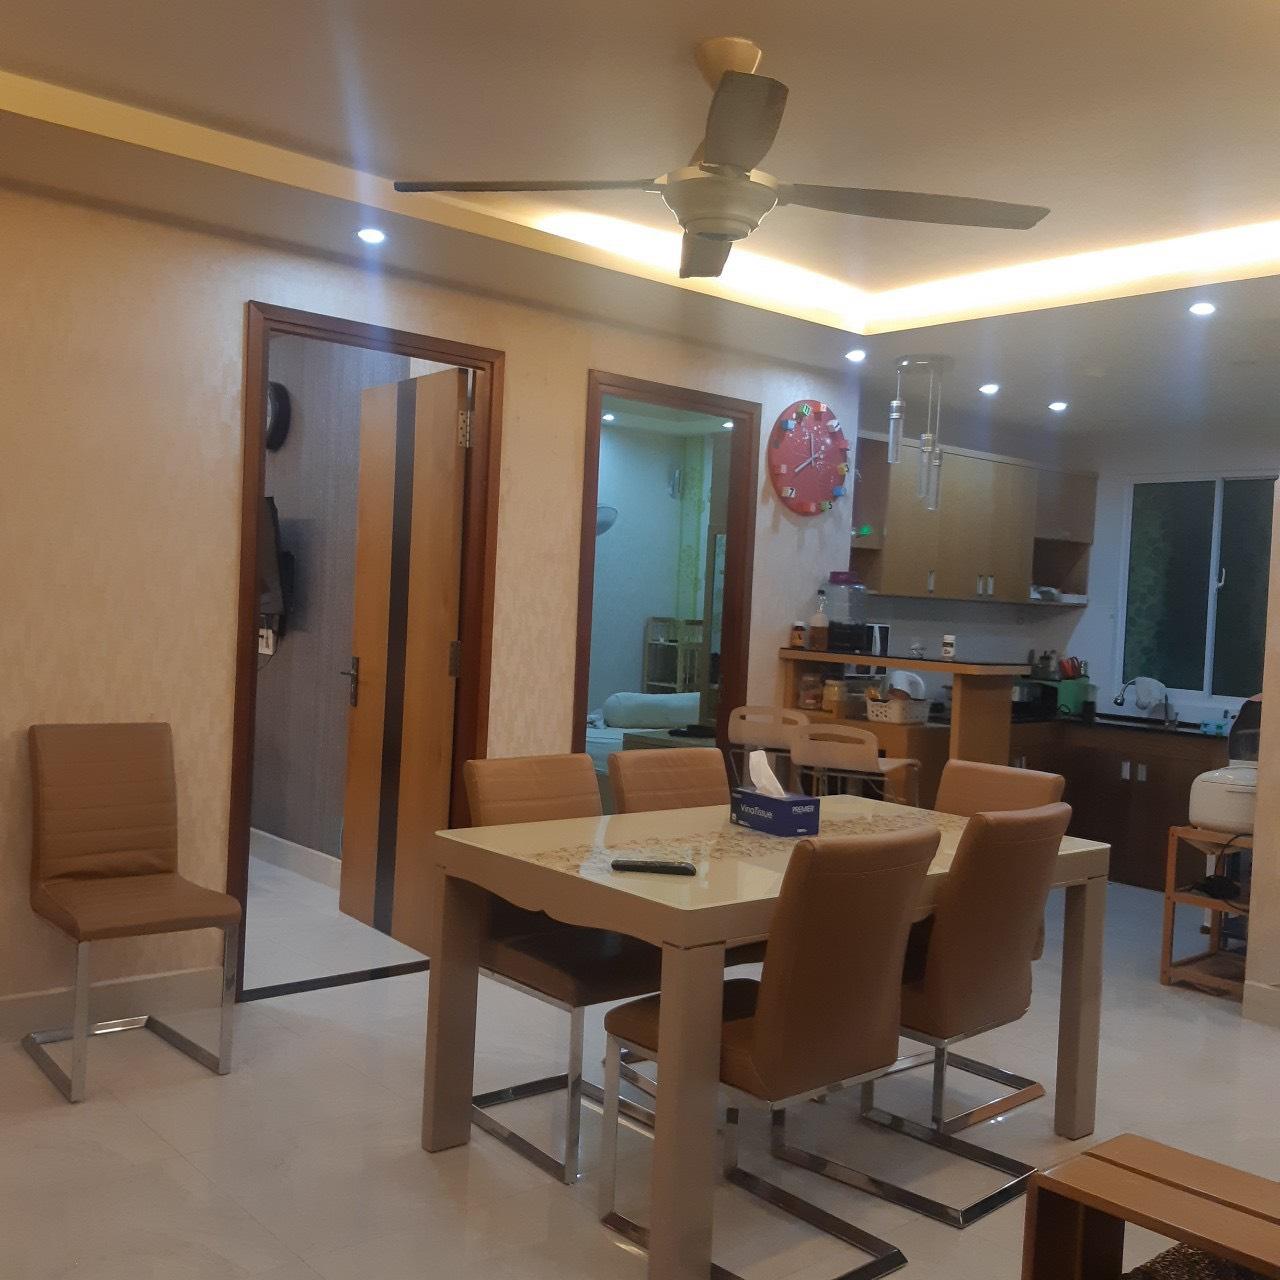 Bán căn hộ căn góc chung cư CT6B Vĩnh Điềm Trung 7917m2 3 phòng ngủ giá tốt